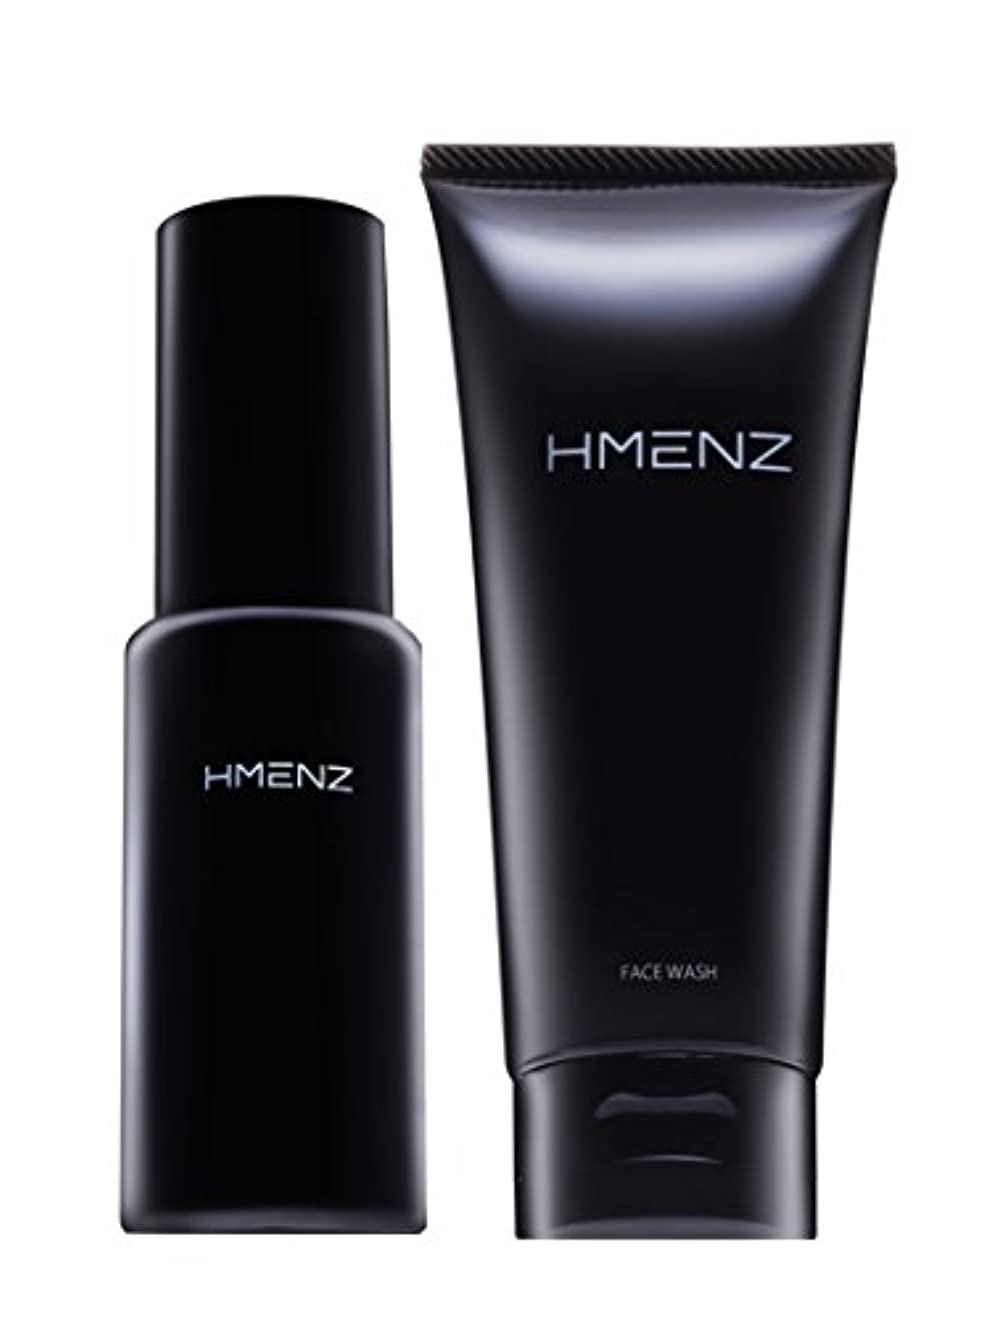 北方まもなくナンセンス医薬部外品【 スキンケア セット 】HMENZ メンズ 洗顔 & 美容液 乾燥肌 対策 保湿 (無添加 シミ対策 ニキビ対策 エイジングケア) 洗顔 オールインワン ジェル 100g&50ml